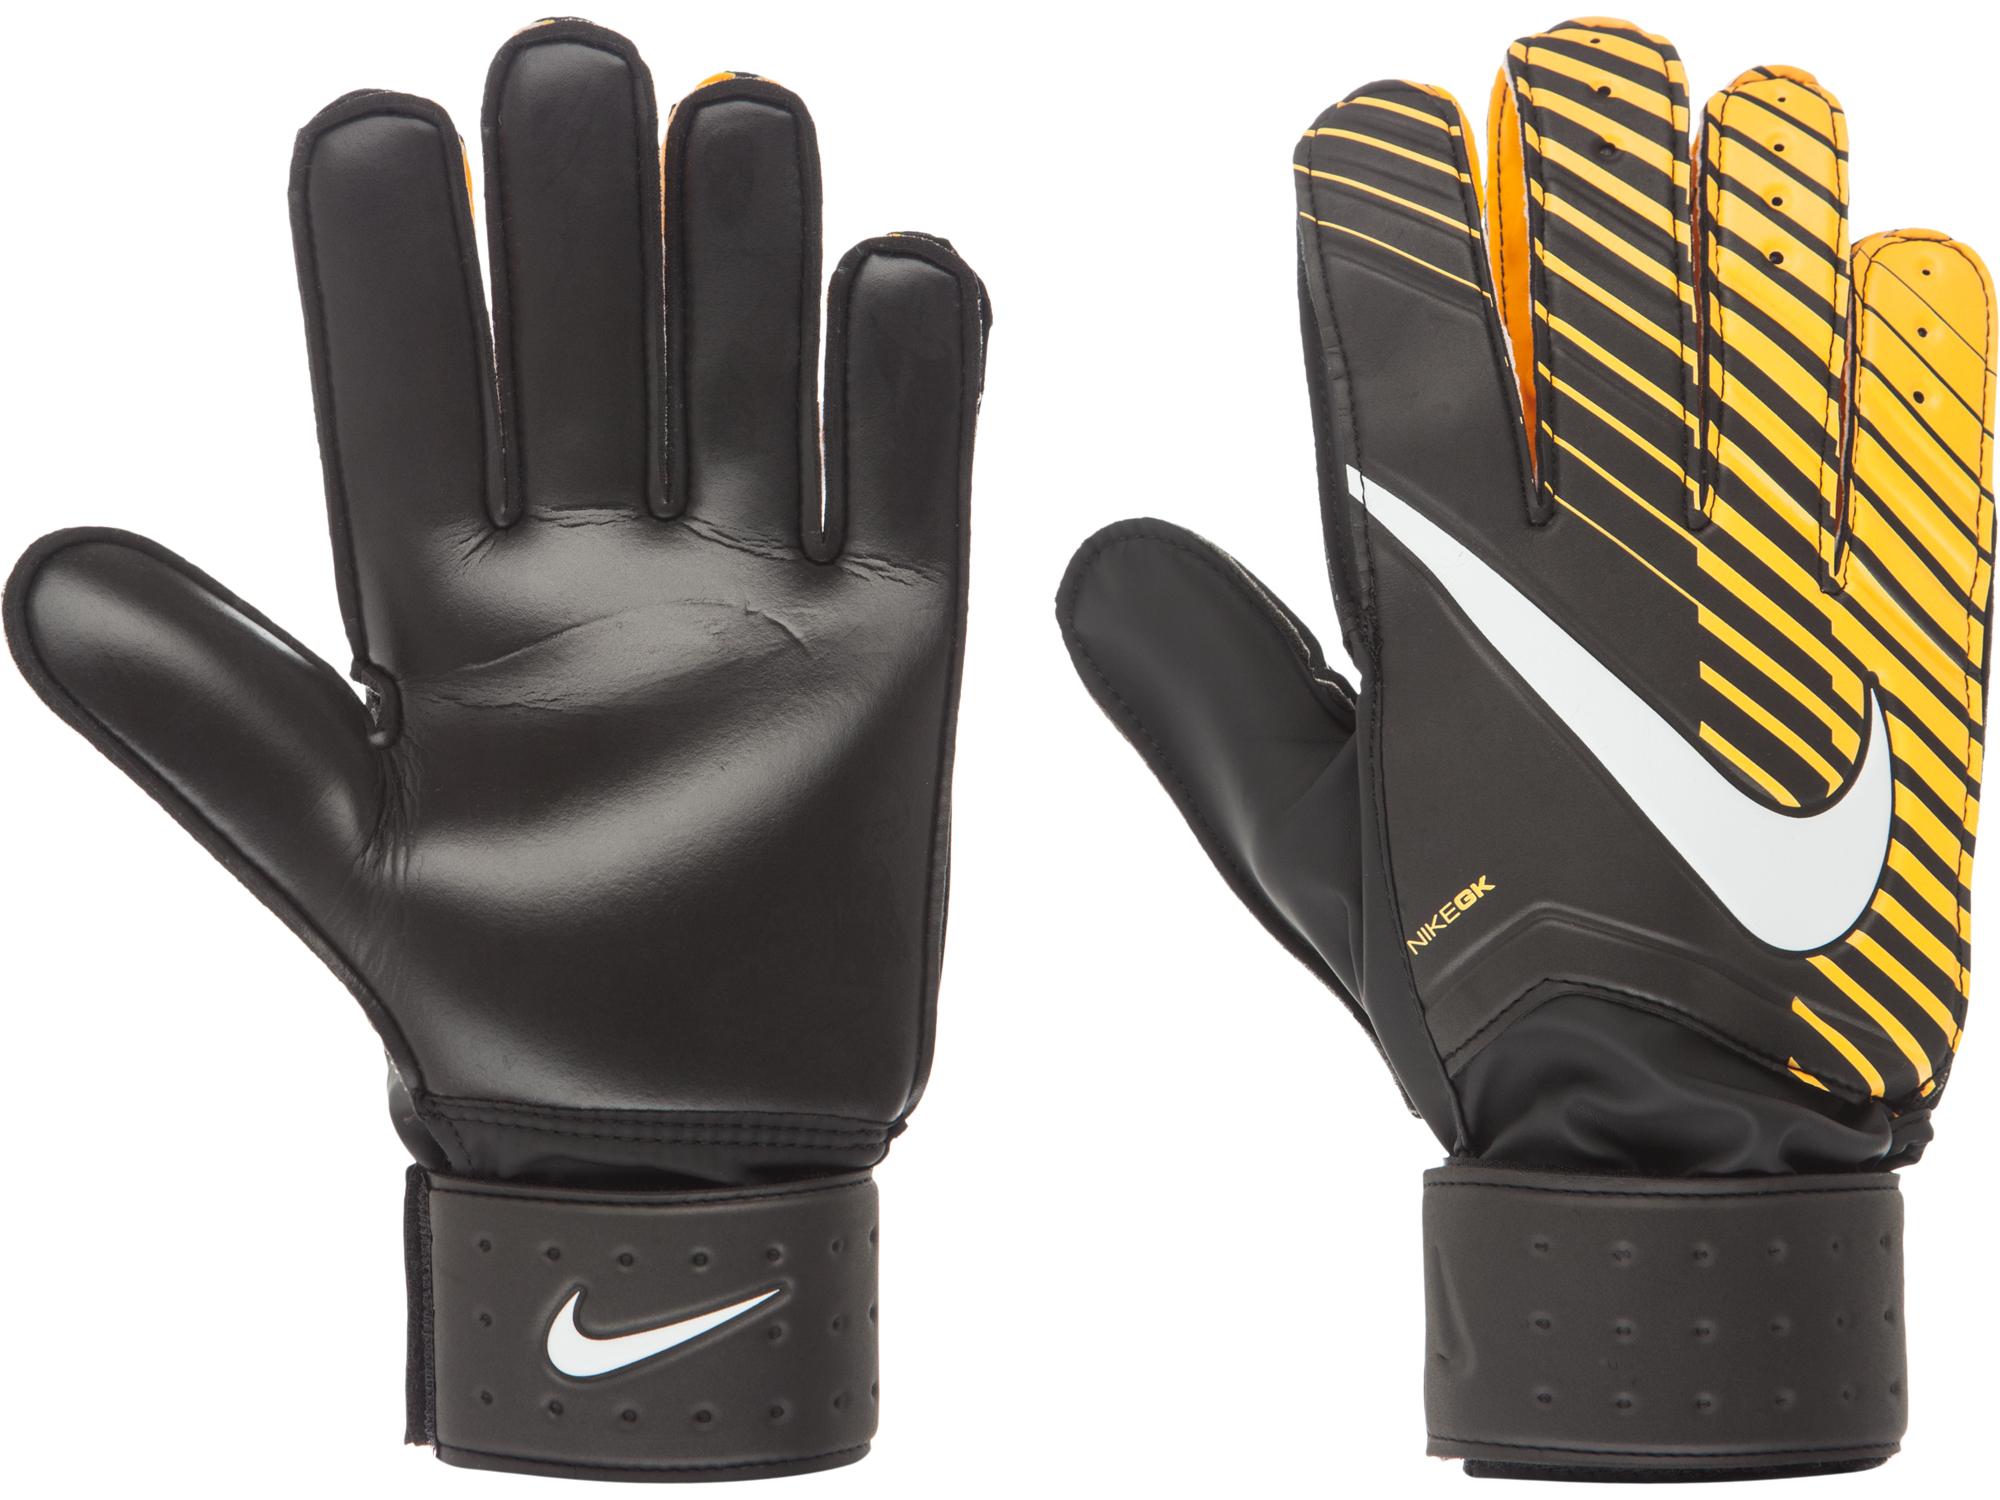 Nike Перчатки вратарские Nike Gk Match вратарские перчатки nike вратарские перчатки nk gk mtch